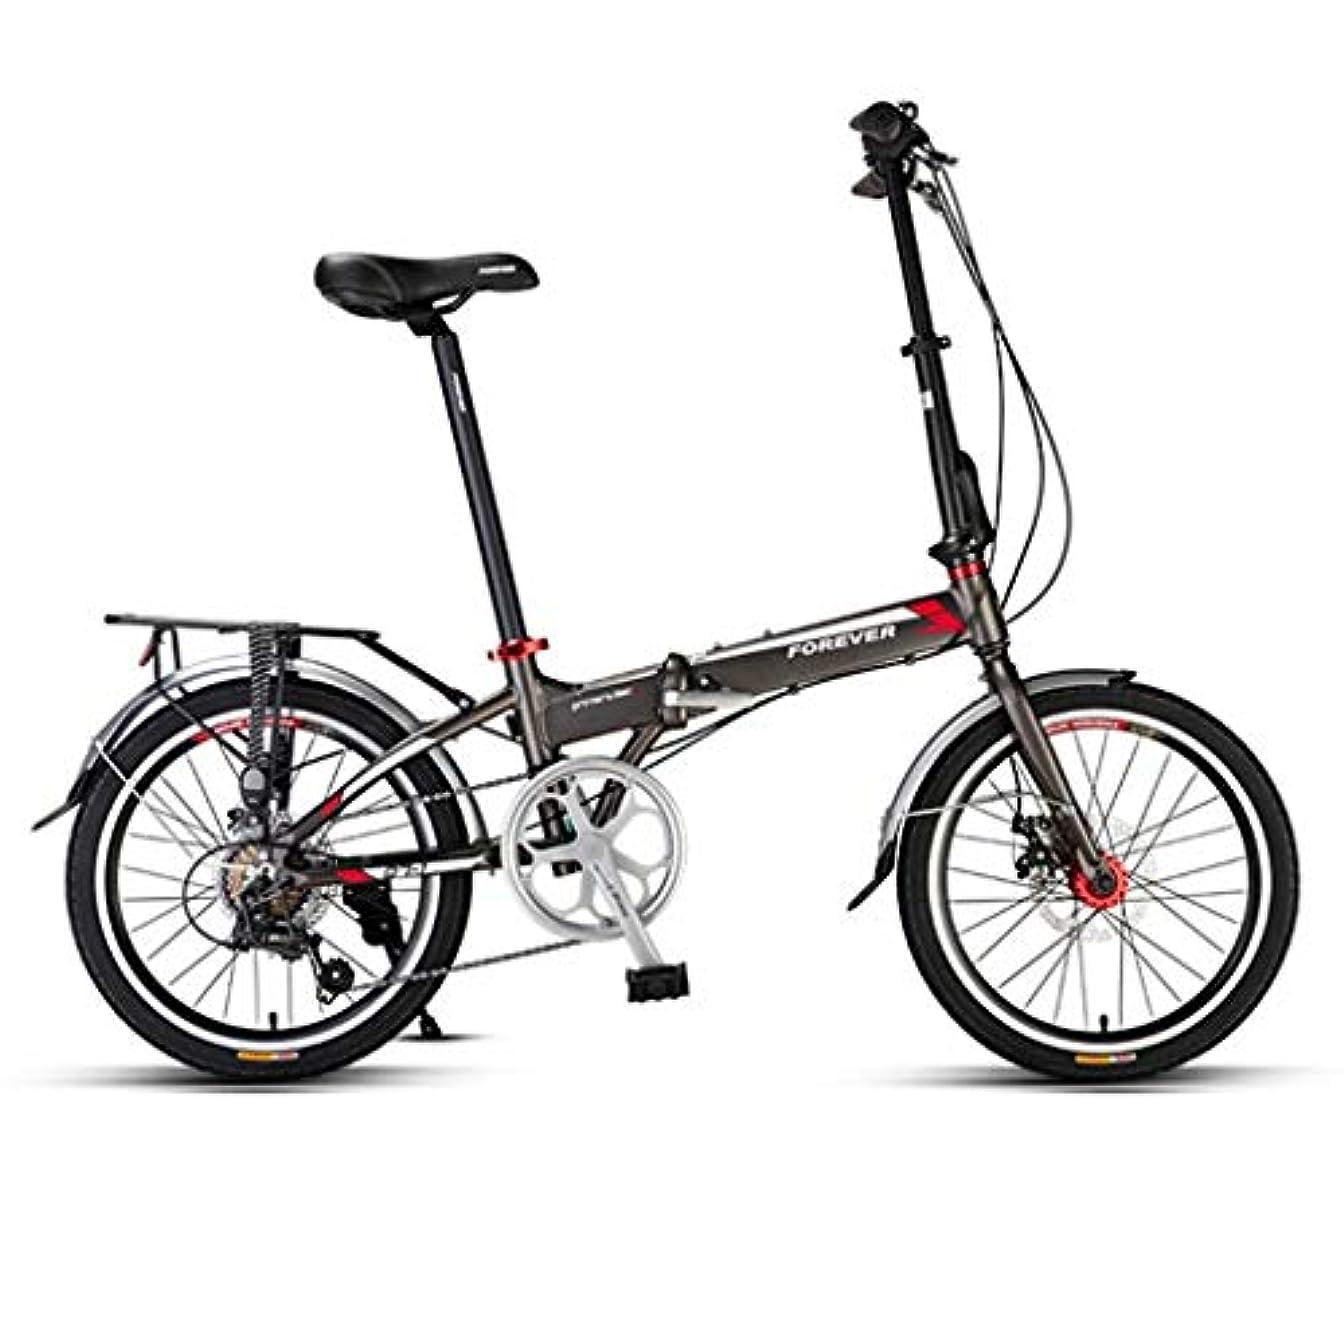 病弱放送マーキー女子ロードバイク、折り畳み式ミニバイク、20インチ7スピードバイク、ショッピング、仕事、そしてプレイ自転車使用されるアルミニウム合金フレーム、機械式ディスクブレーキ、 (Color : Black, Size : 20 inches)